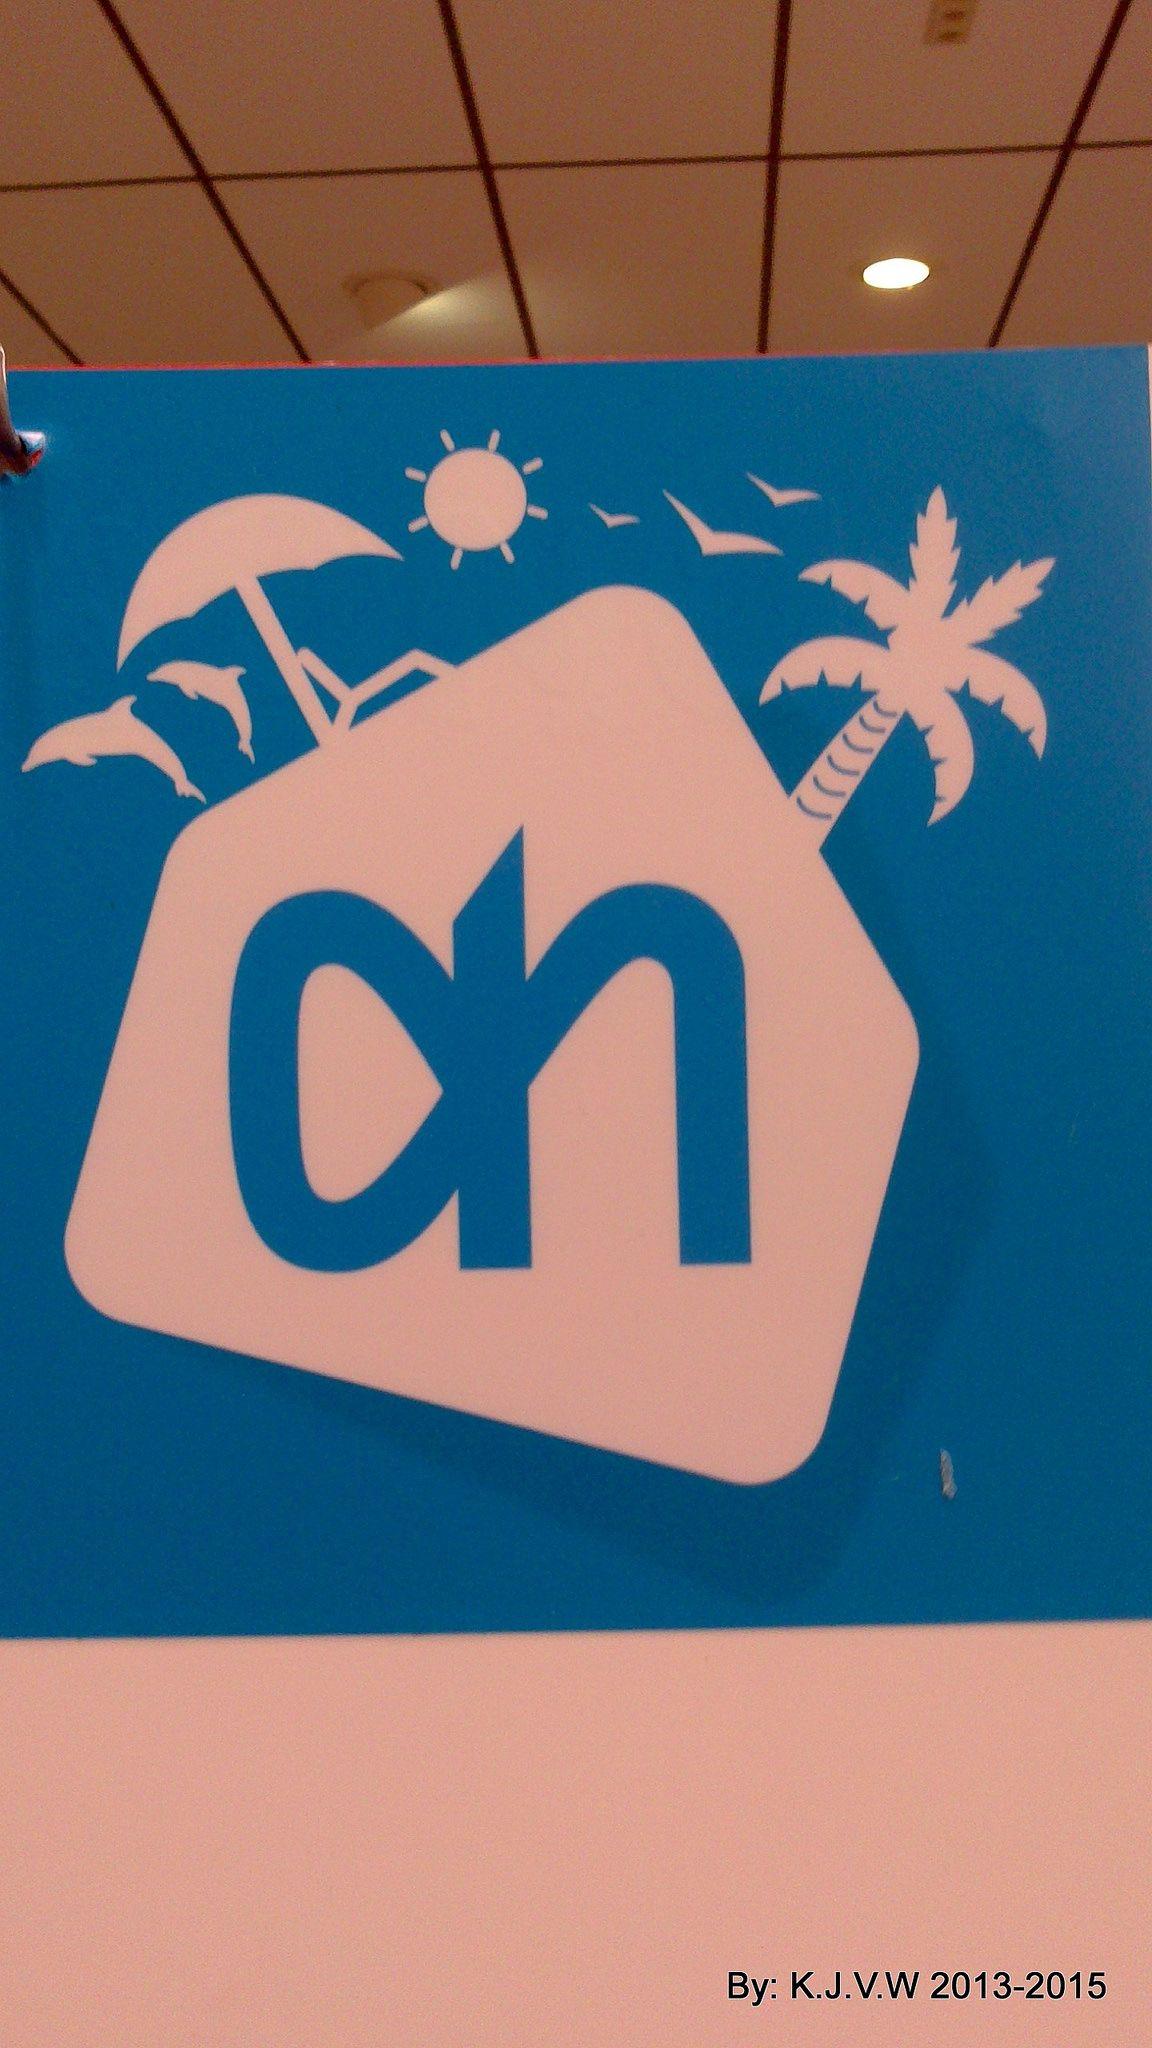 Albert Heijn Logo | Loved the Logo Design. | The Netherlands | Pinterest